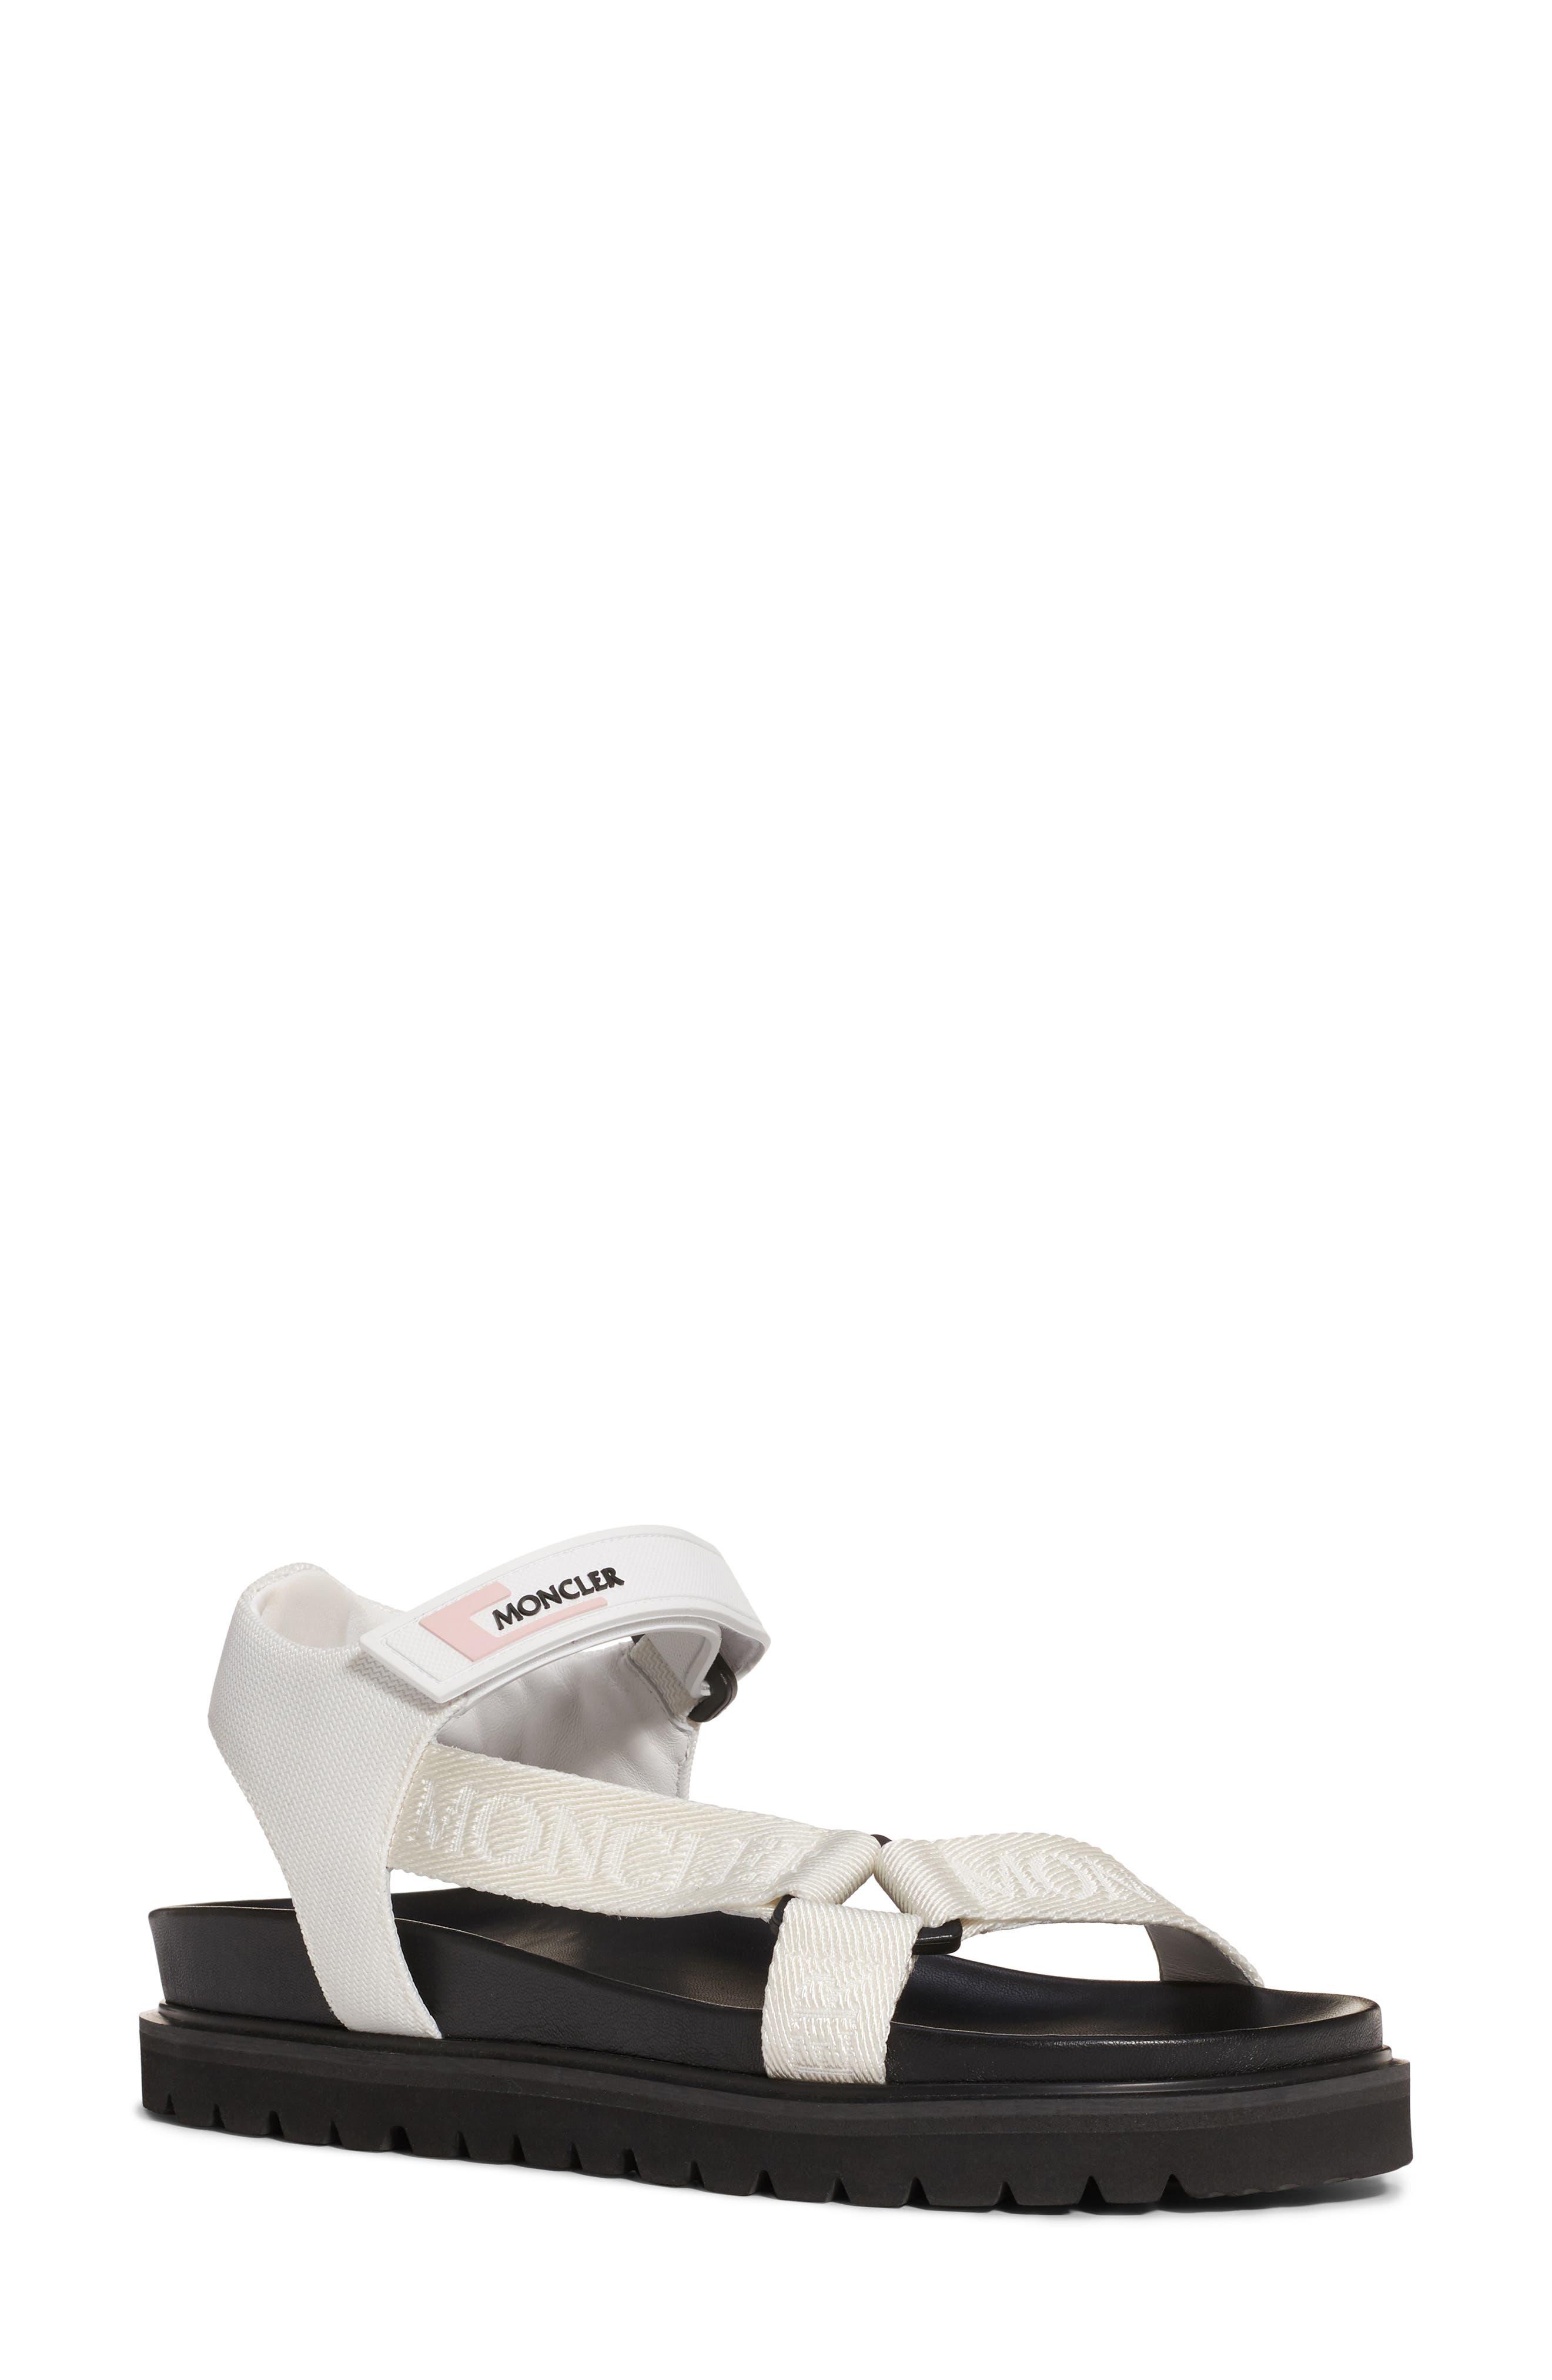 Women's Moncler Flavia Sport Sandal